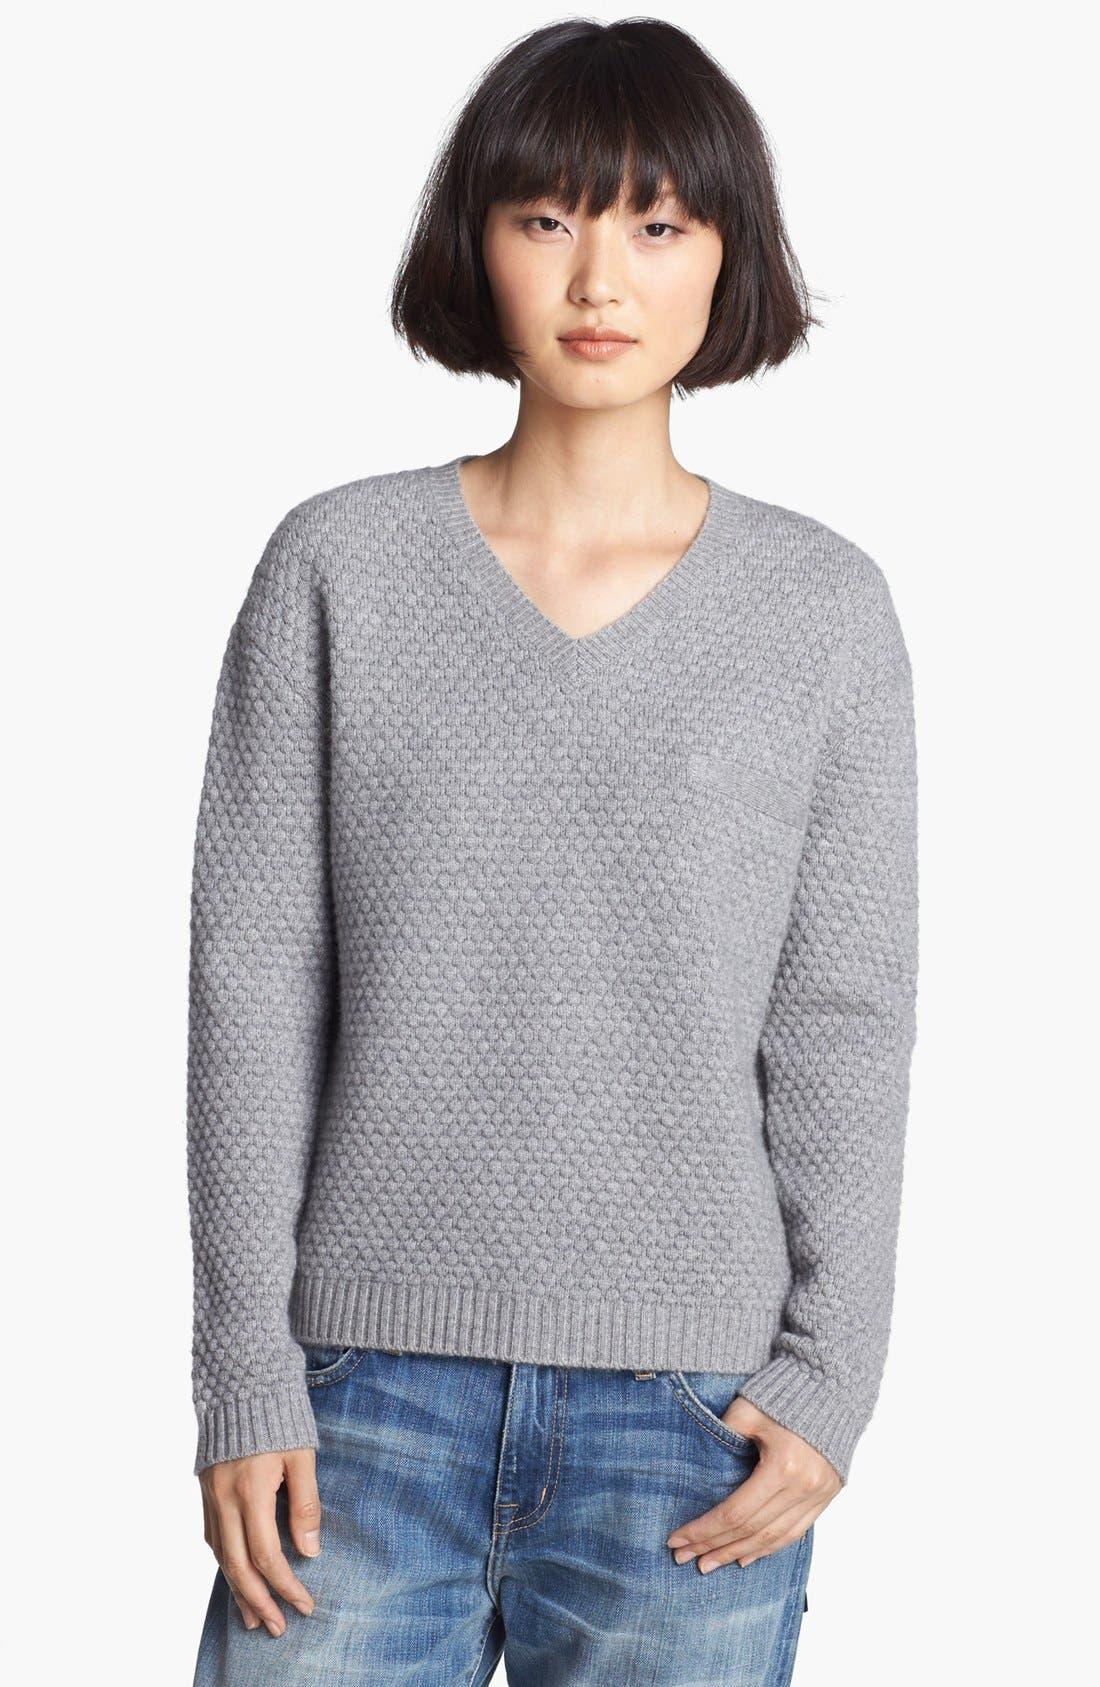 Main Image - Loma 'Joe' Popcorn Stitch Sweater